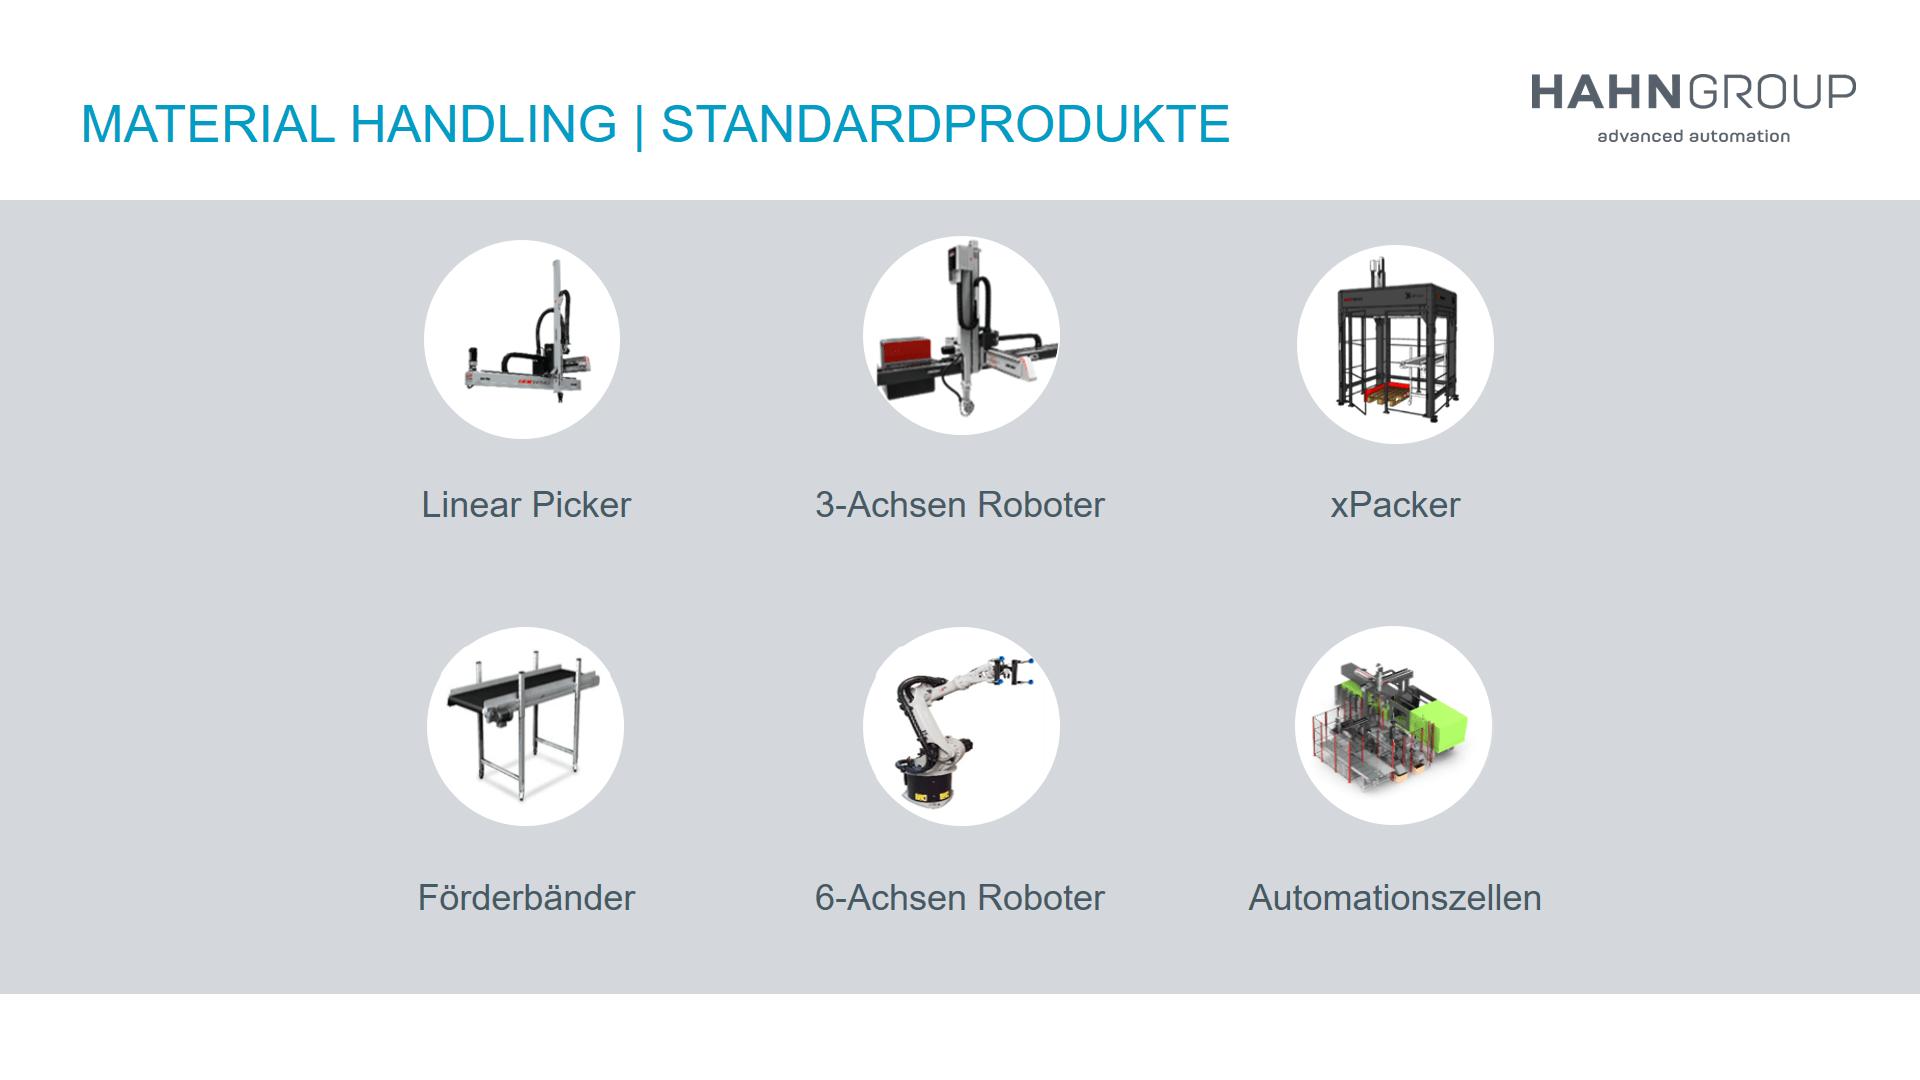 HG_Standardprodukte_Material Handling